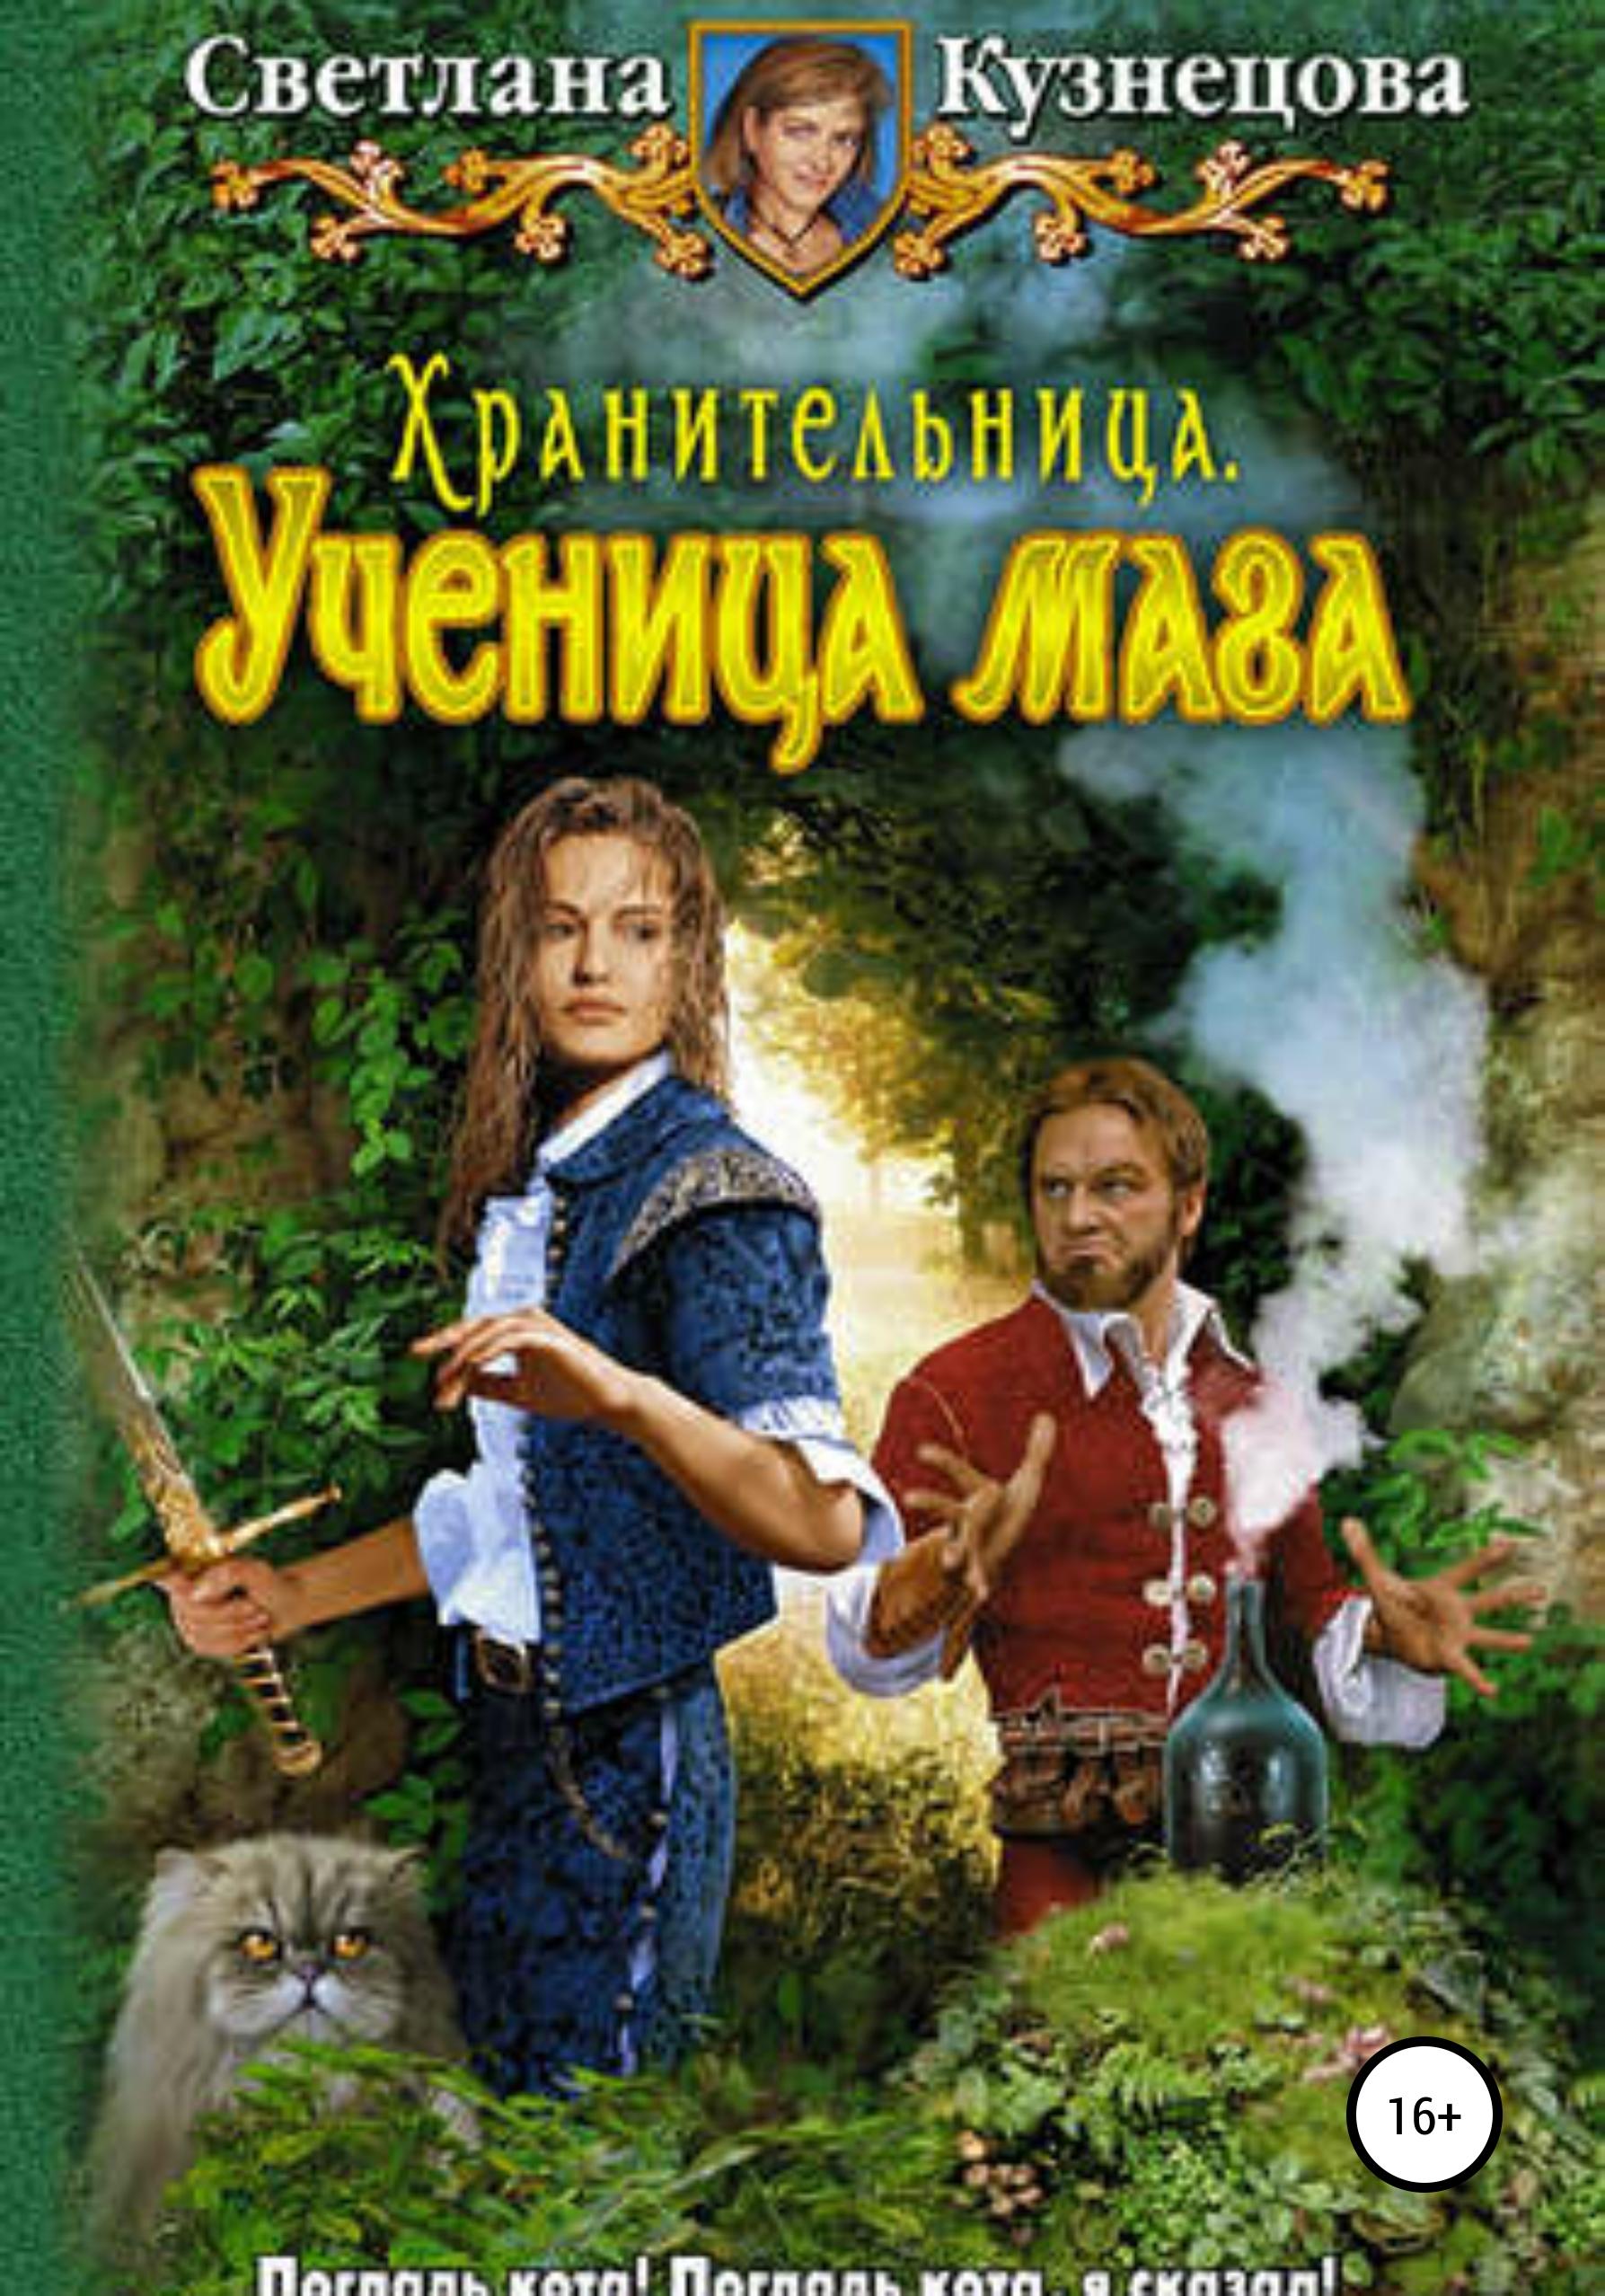 Купить книгу Хранительница. Ученица Мага, автора Светланы Владимировны Кузнецовой